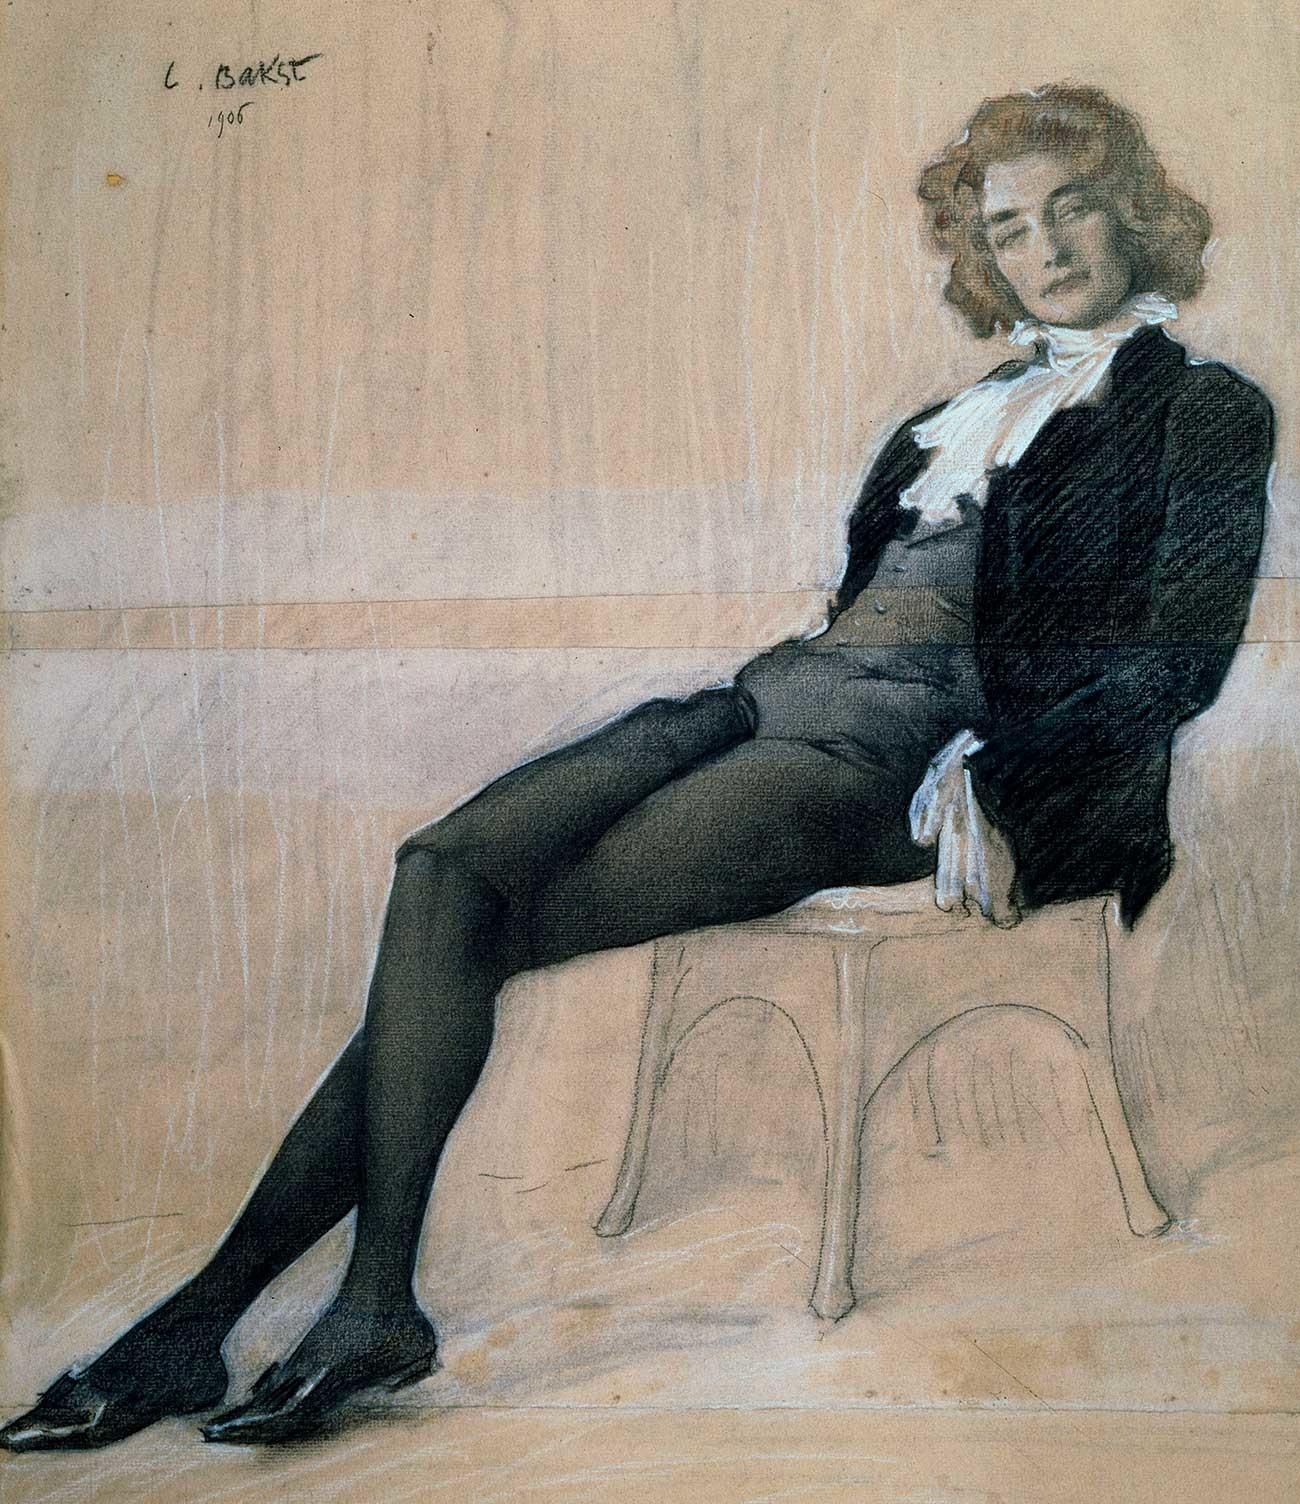 Zinaída Guíppius retratada por Leon Bakst. Com o marido Dmítri Merejkóvski, Guíppius foi uma das figuras mais influentes da cena literária petersburguense no primeiro quarto do século 20.